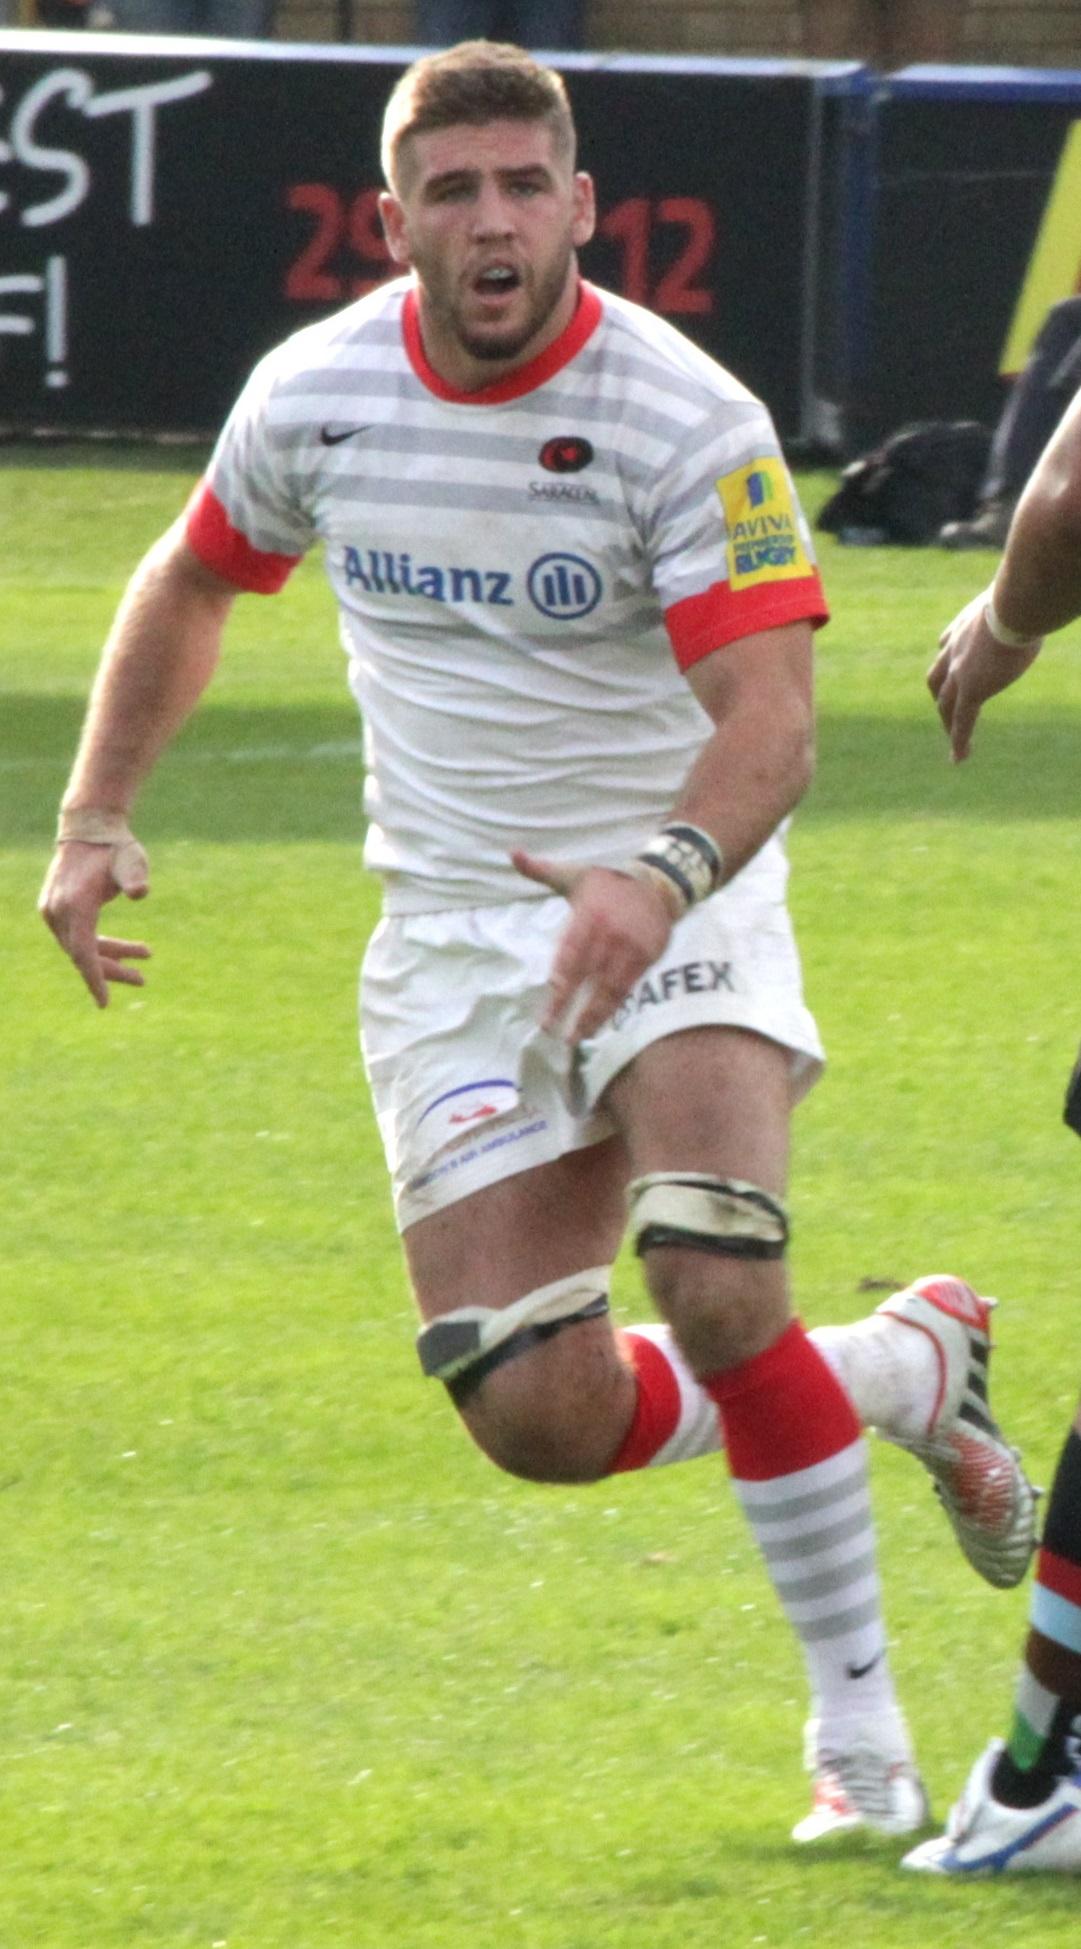 Rugby Union Wm